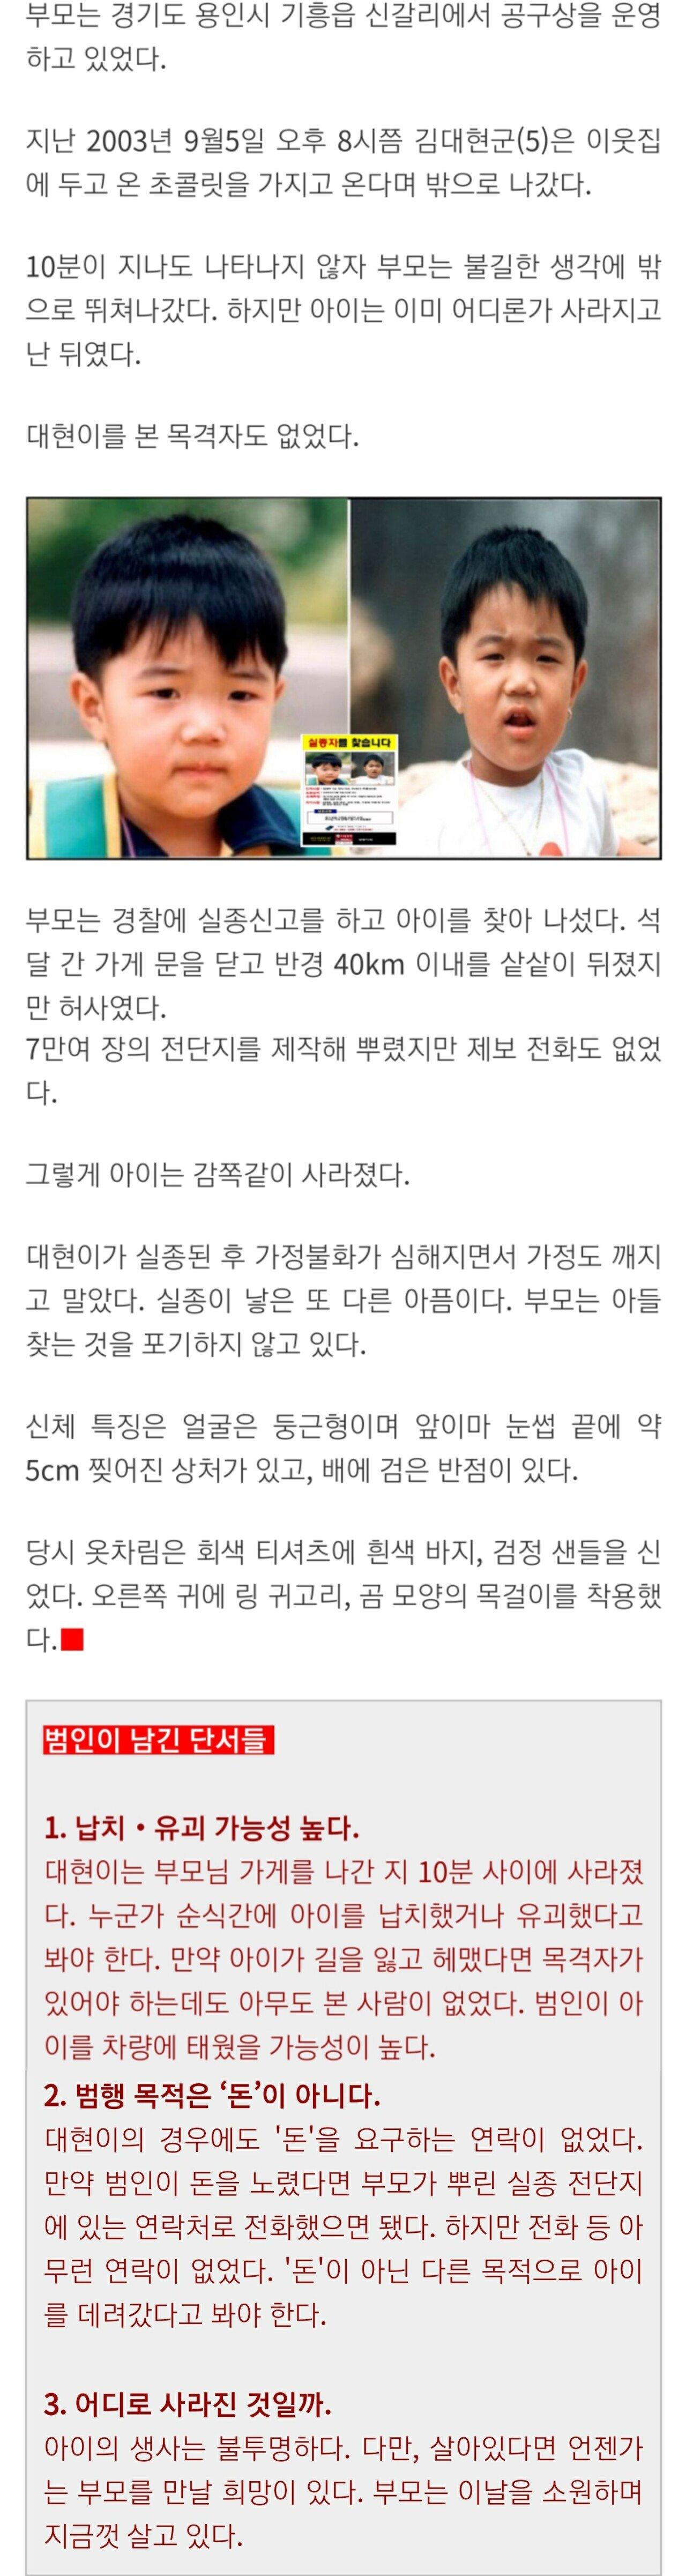 경기 용인시에 거주하던 김대현군 실종사건